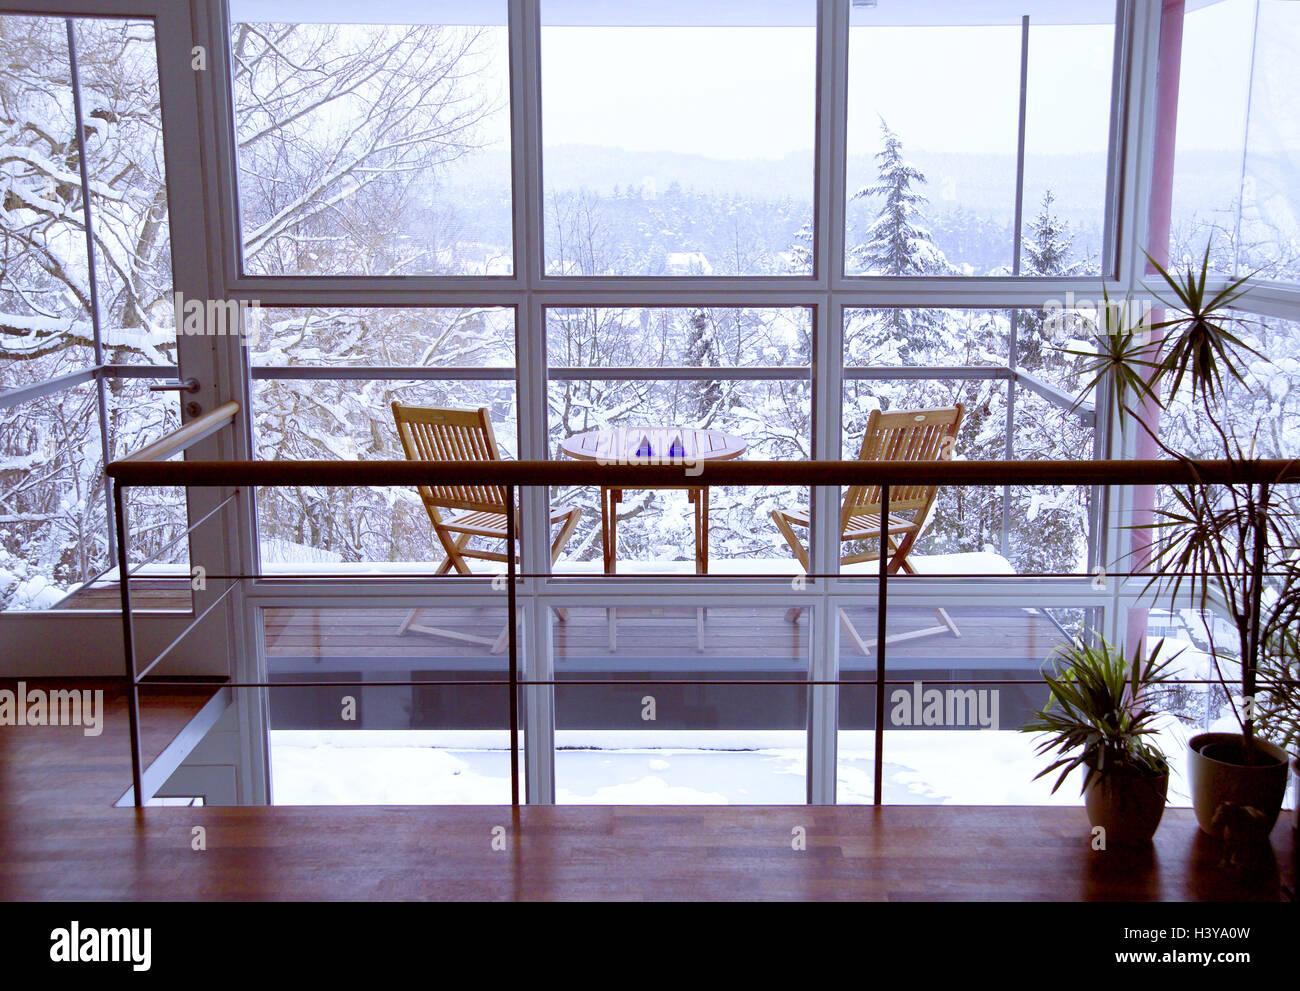 Hervorragend Galerie Wohnung, Balkon, Fensterfront, Ansicht, Erinnerungsbild, Wohnung,  Können Sonette, Rekonstruktion, Haus, Wohn Stil, Einfach, Einfach, Konzept,  ...